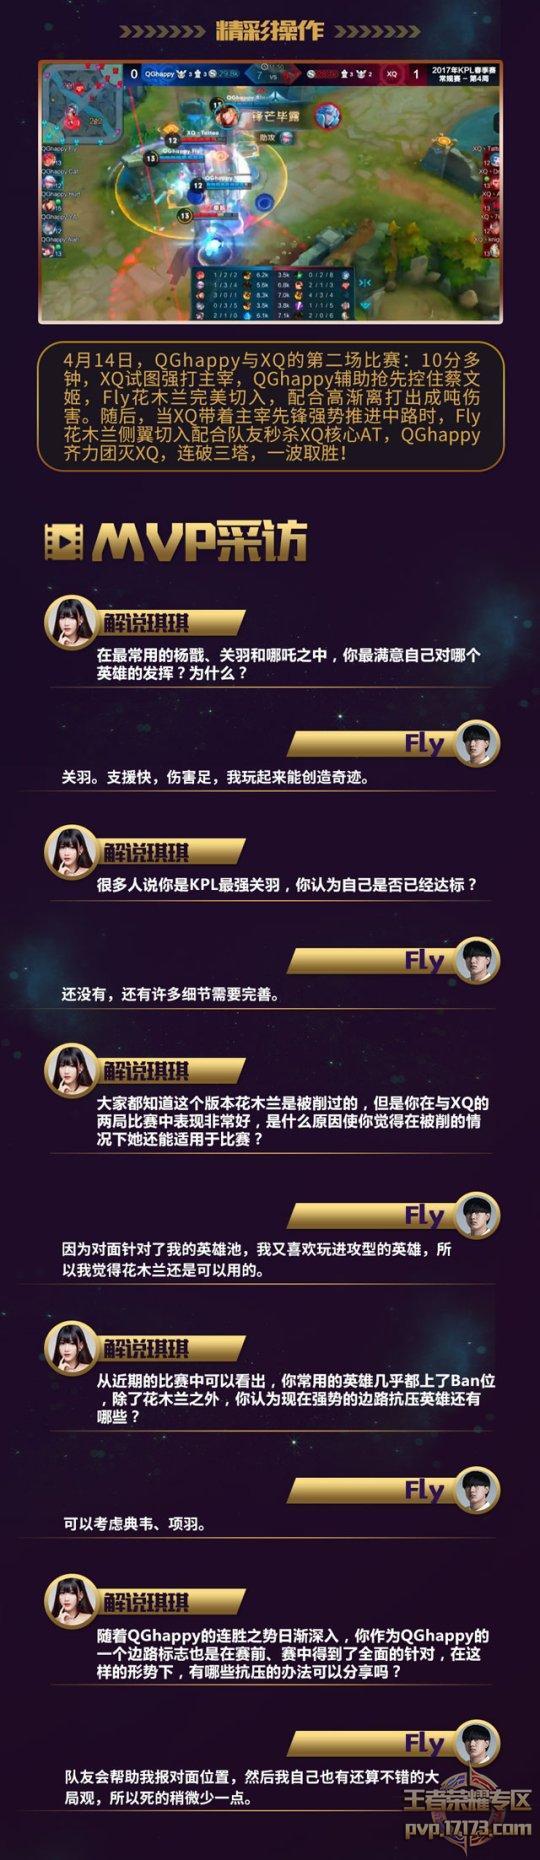 王者荣耀KPL职业选手上关羽杨戬出装推荐 职业选手怎么玩杨戬关羽